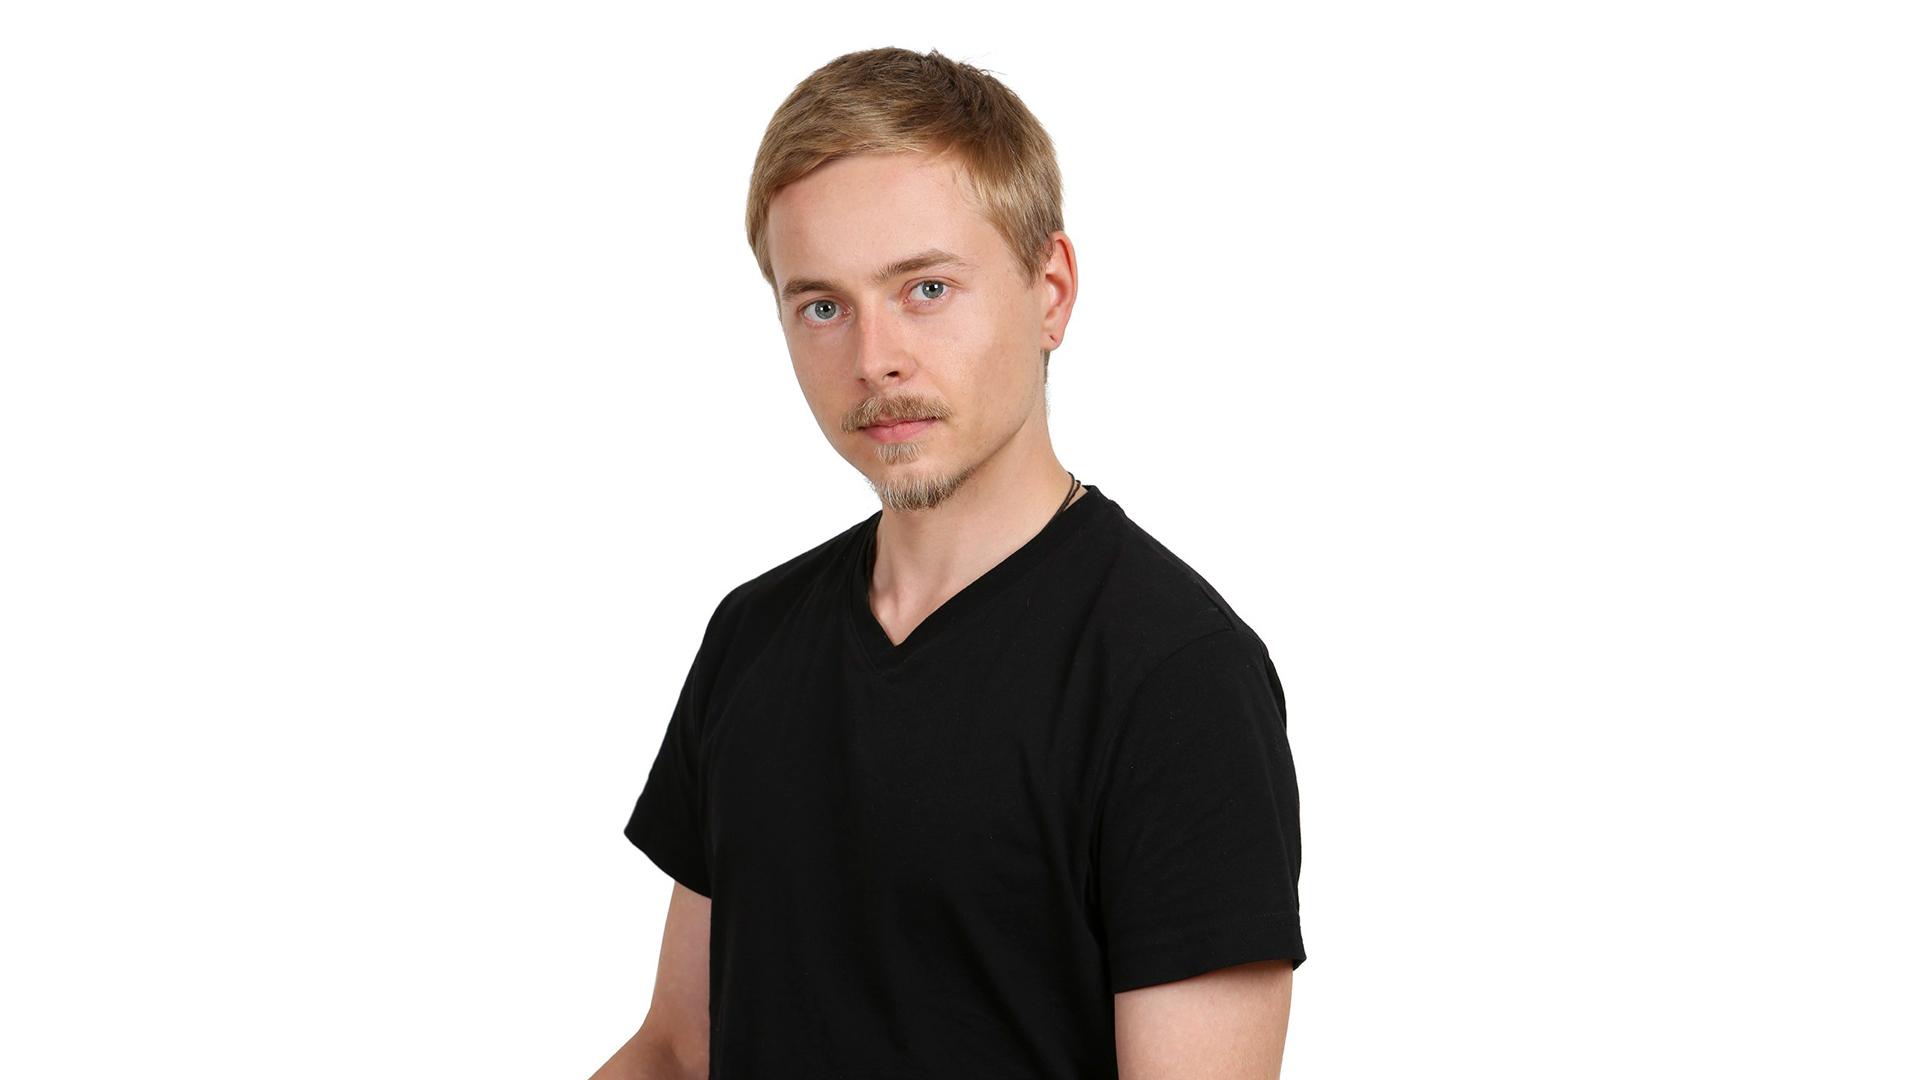 Heikki Nousiainen katsoo suoraan kameraan.